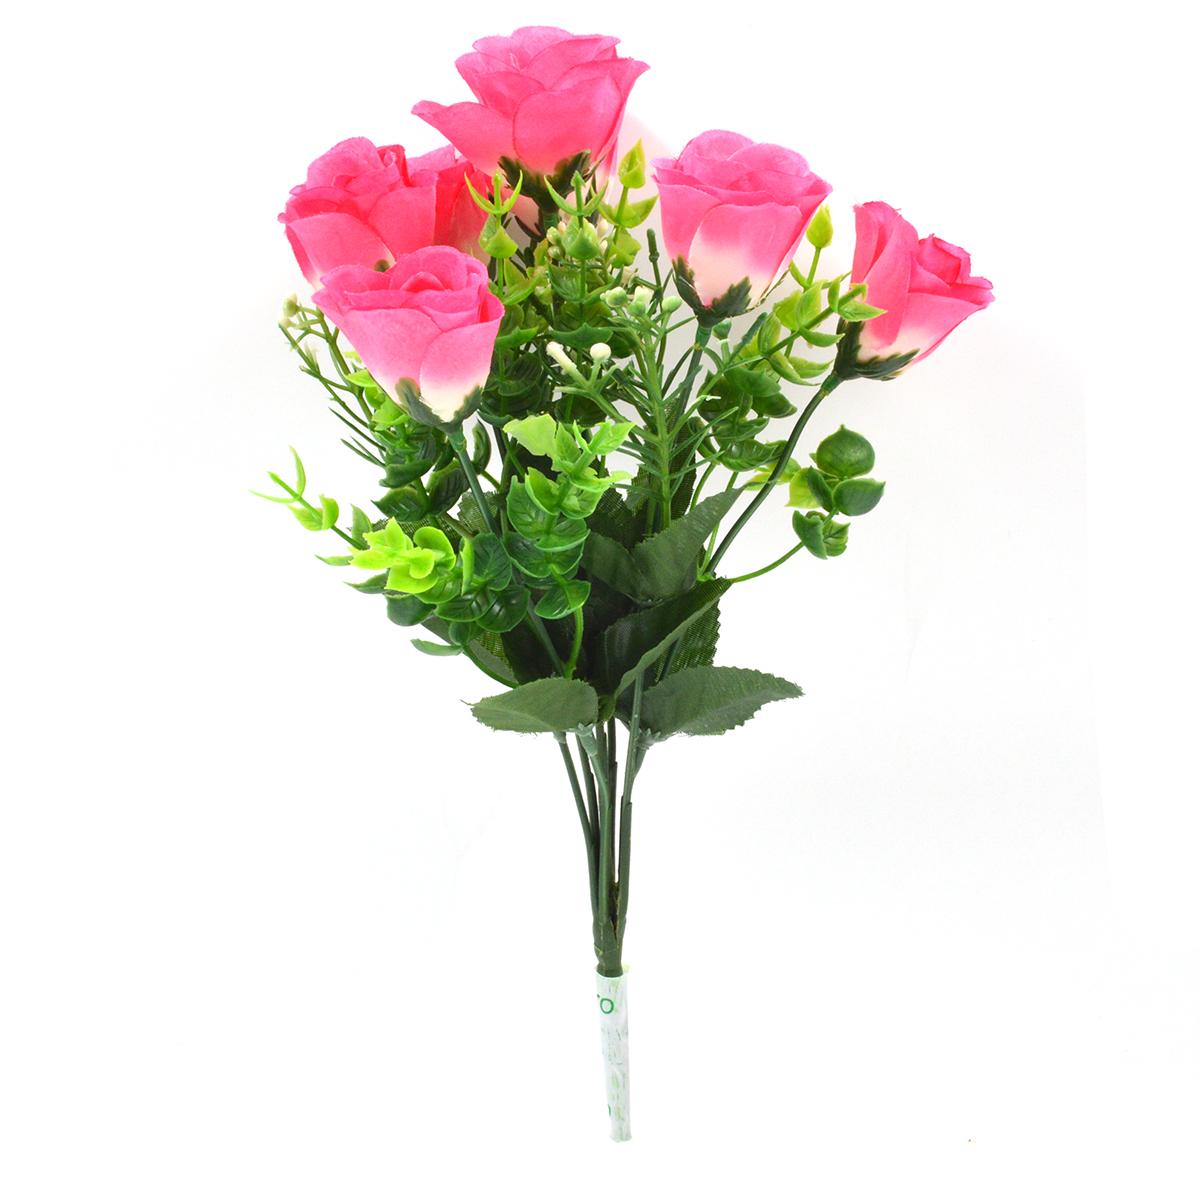 Flori Mini Buchet 7 Trandafiri Siclam